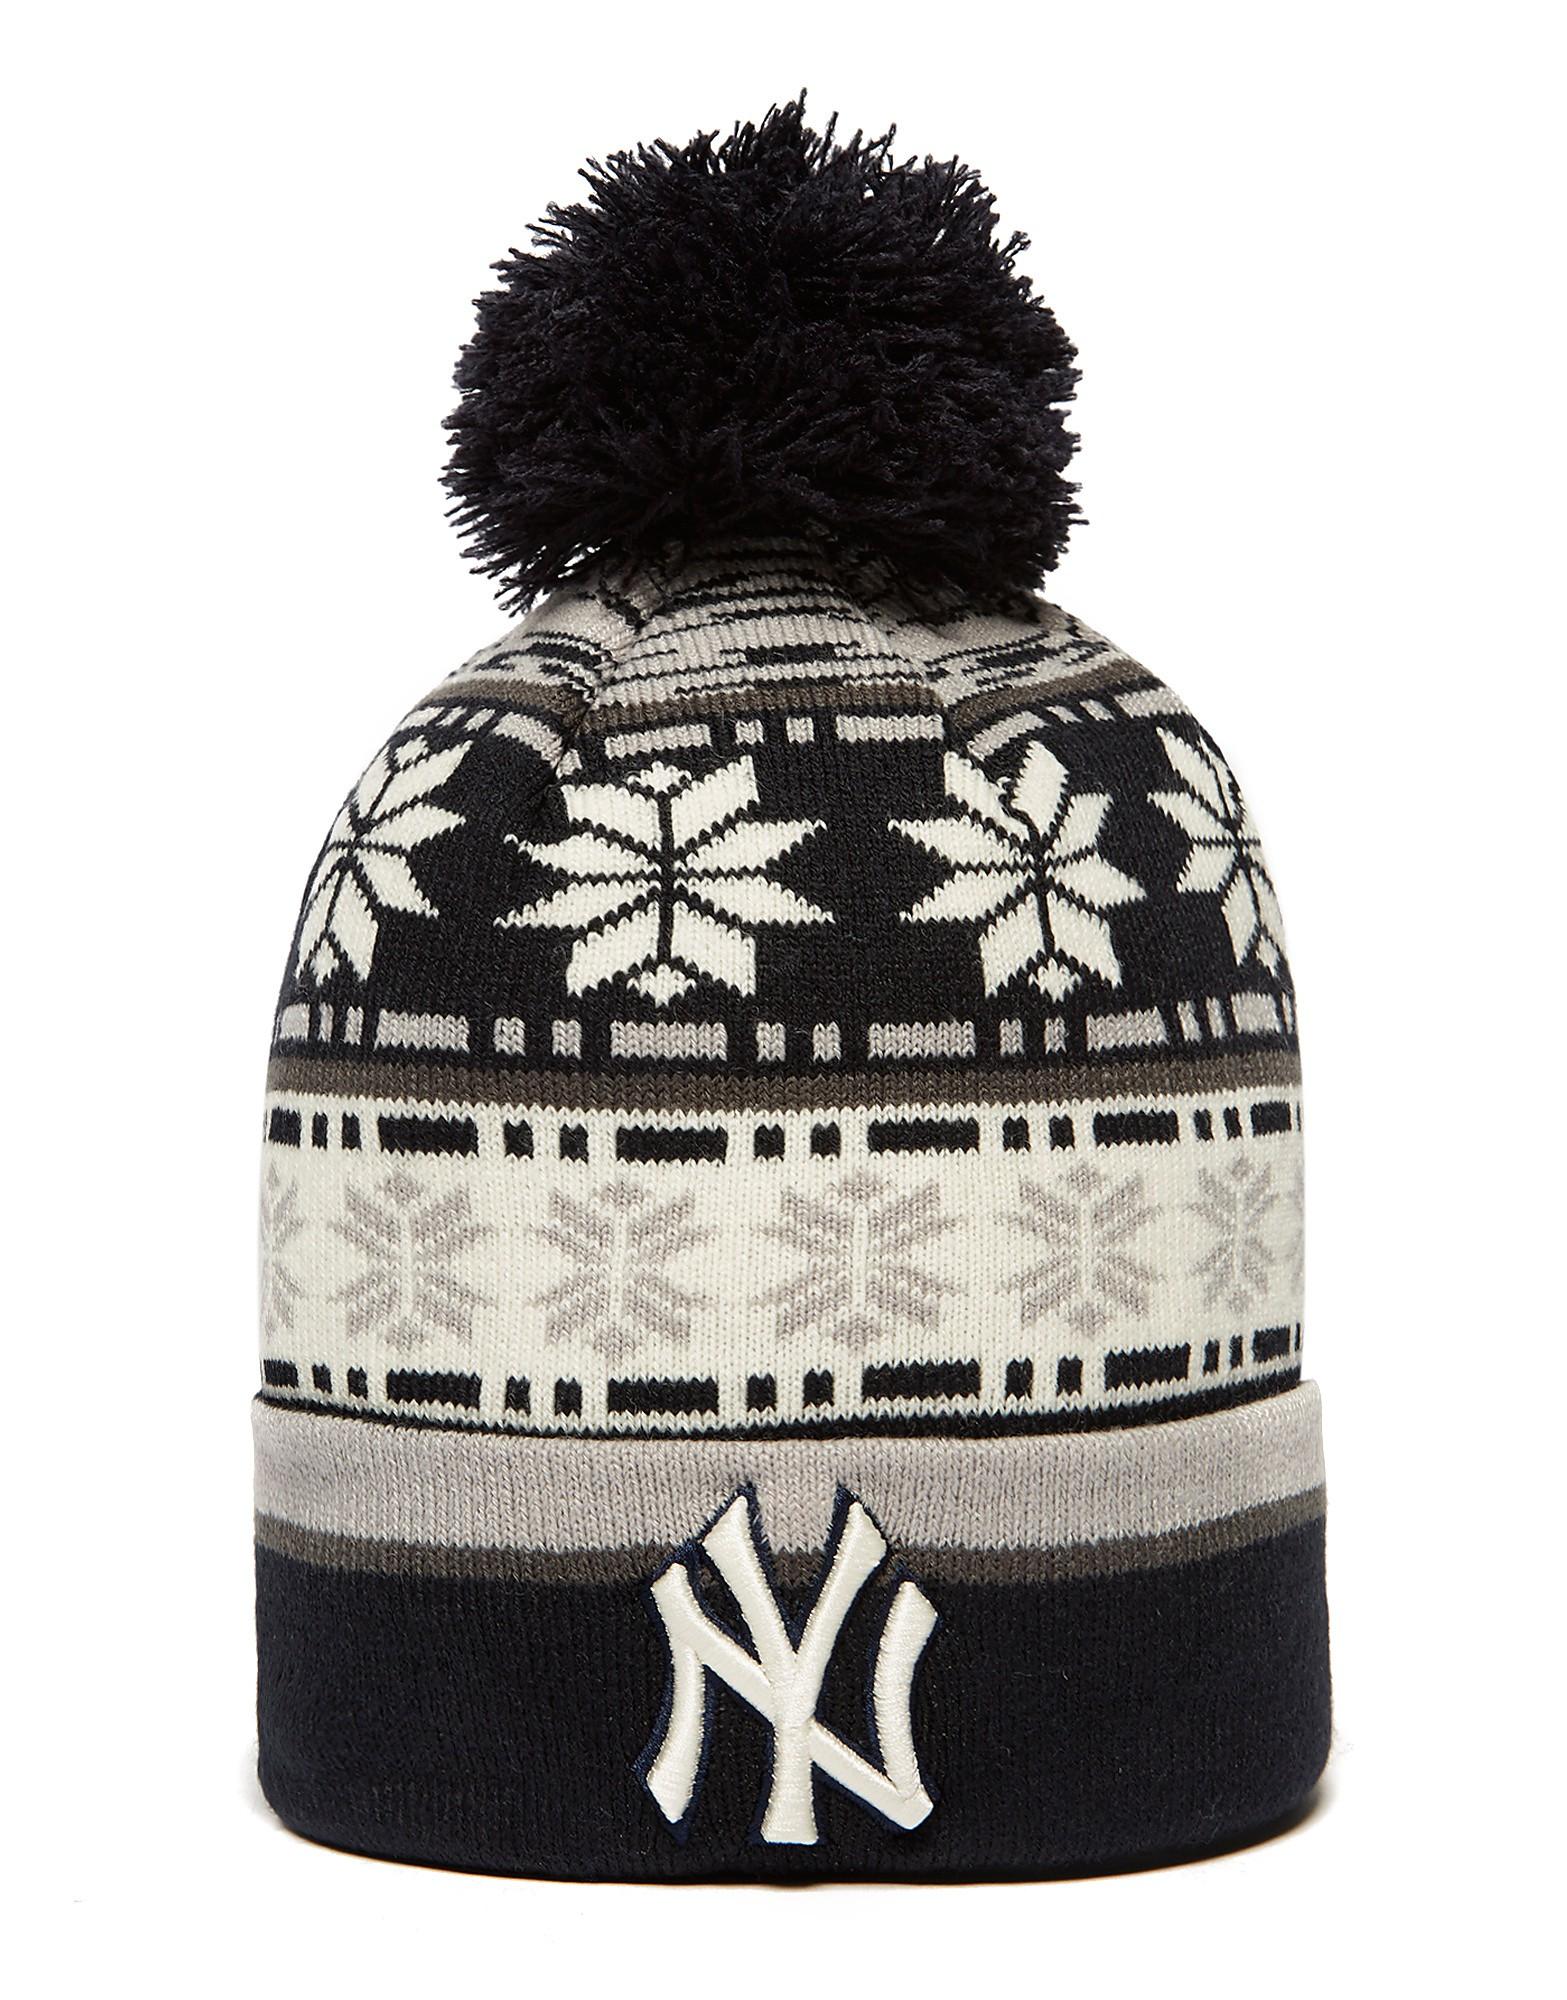 New Era MLB New York Yankees Beanie Hat